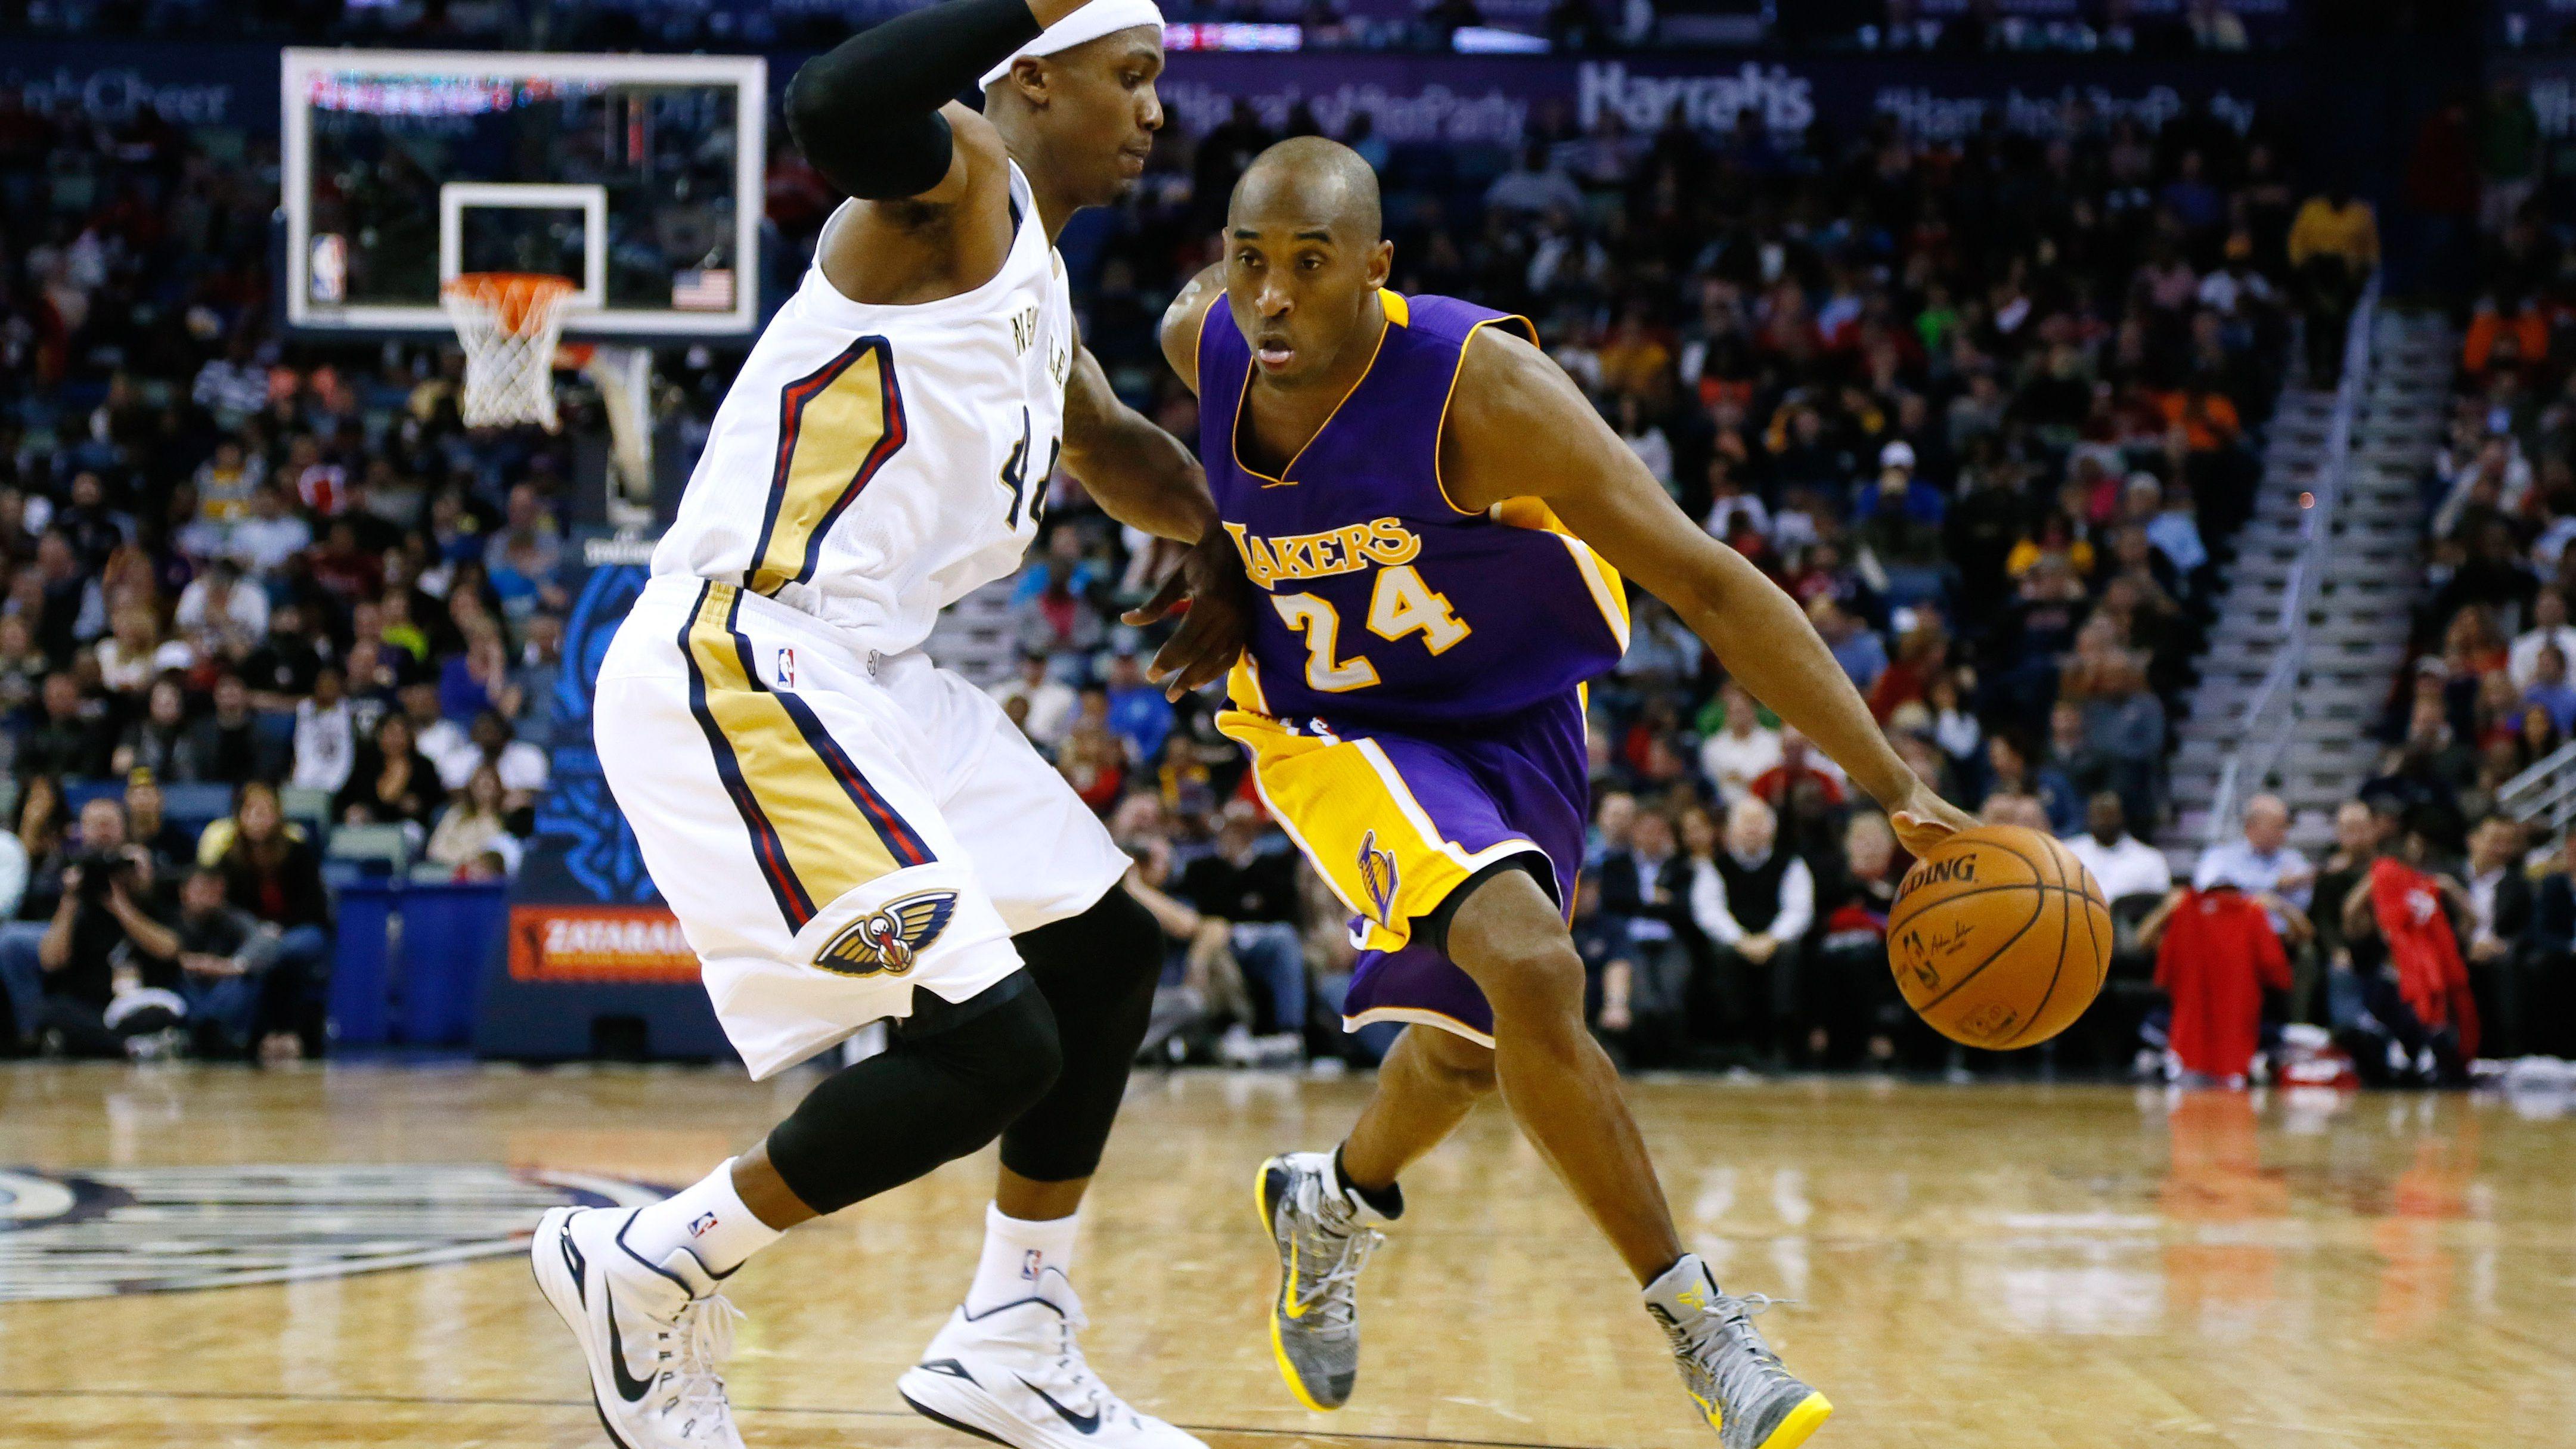 kobe bryant, nike, basketball, nba, sponsorship, sneakers, signature sneaker,